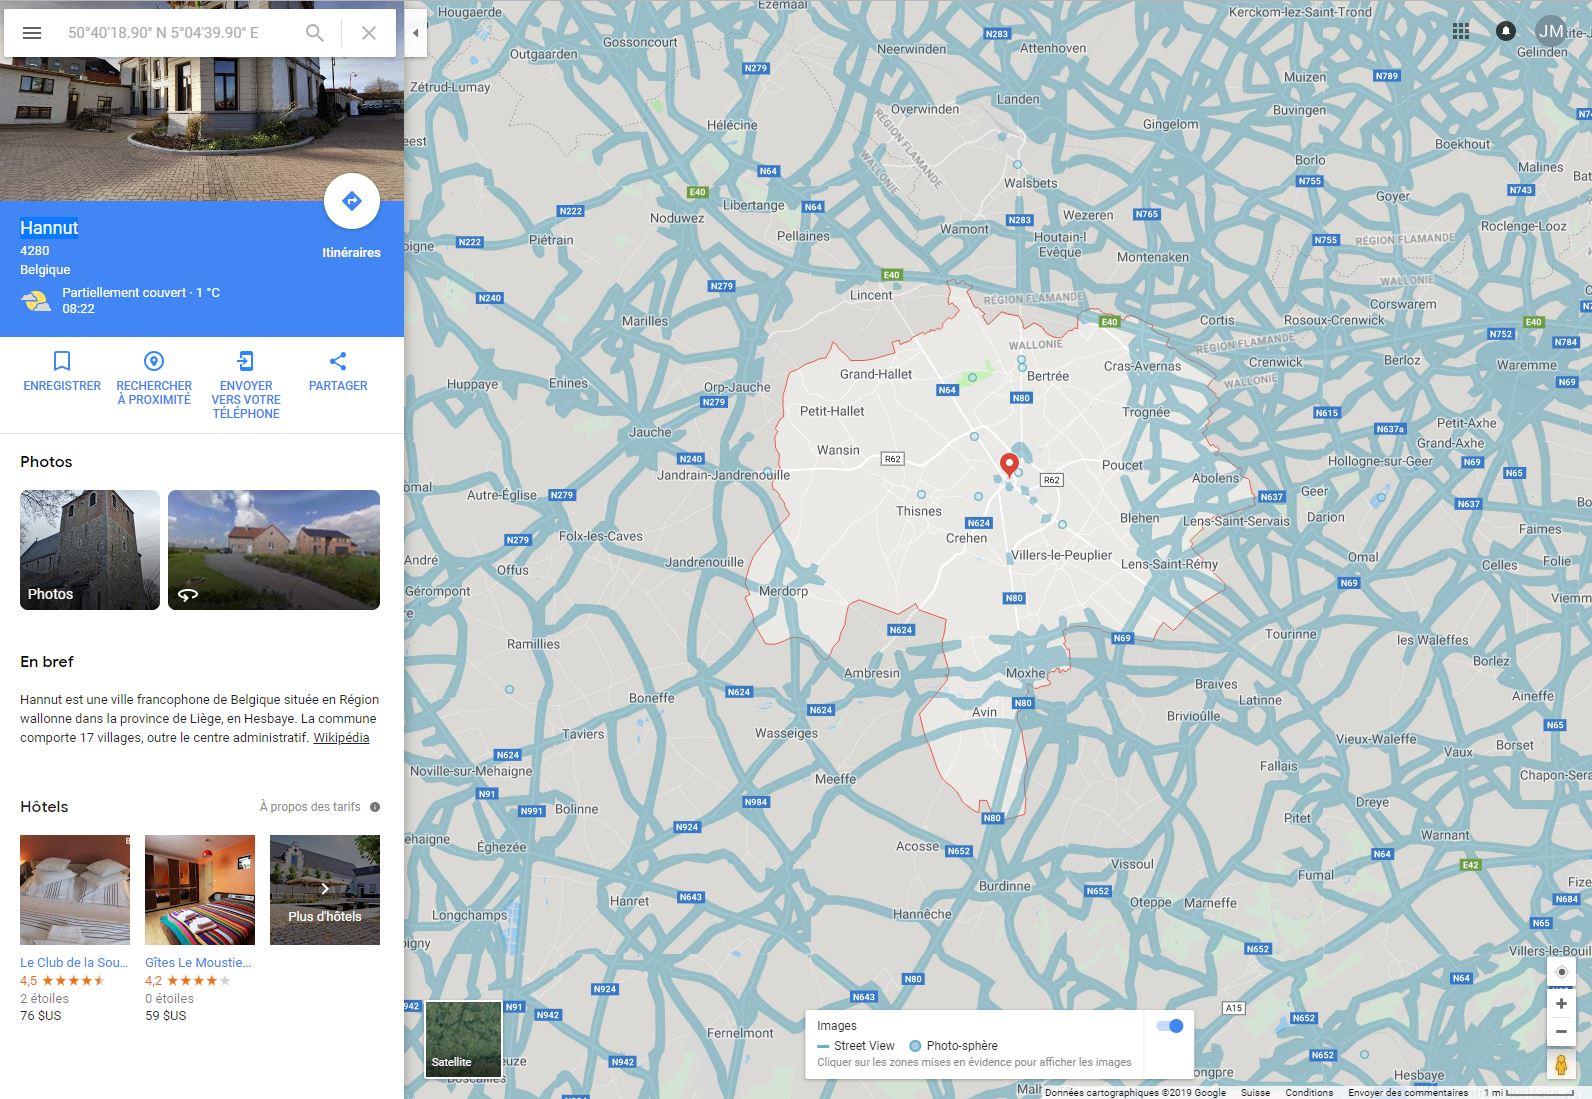 Des morceaux de Belgique rayés de la carte (...de Street View) Hannut11